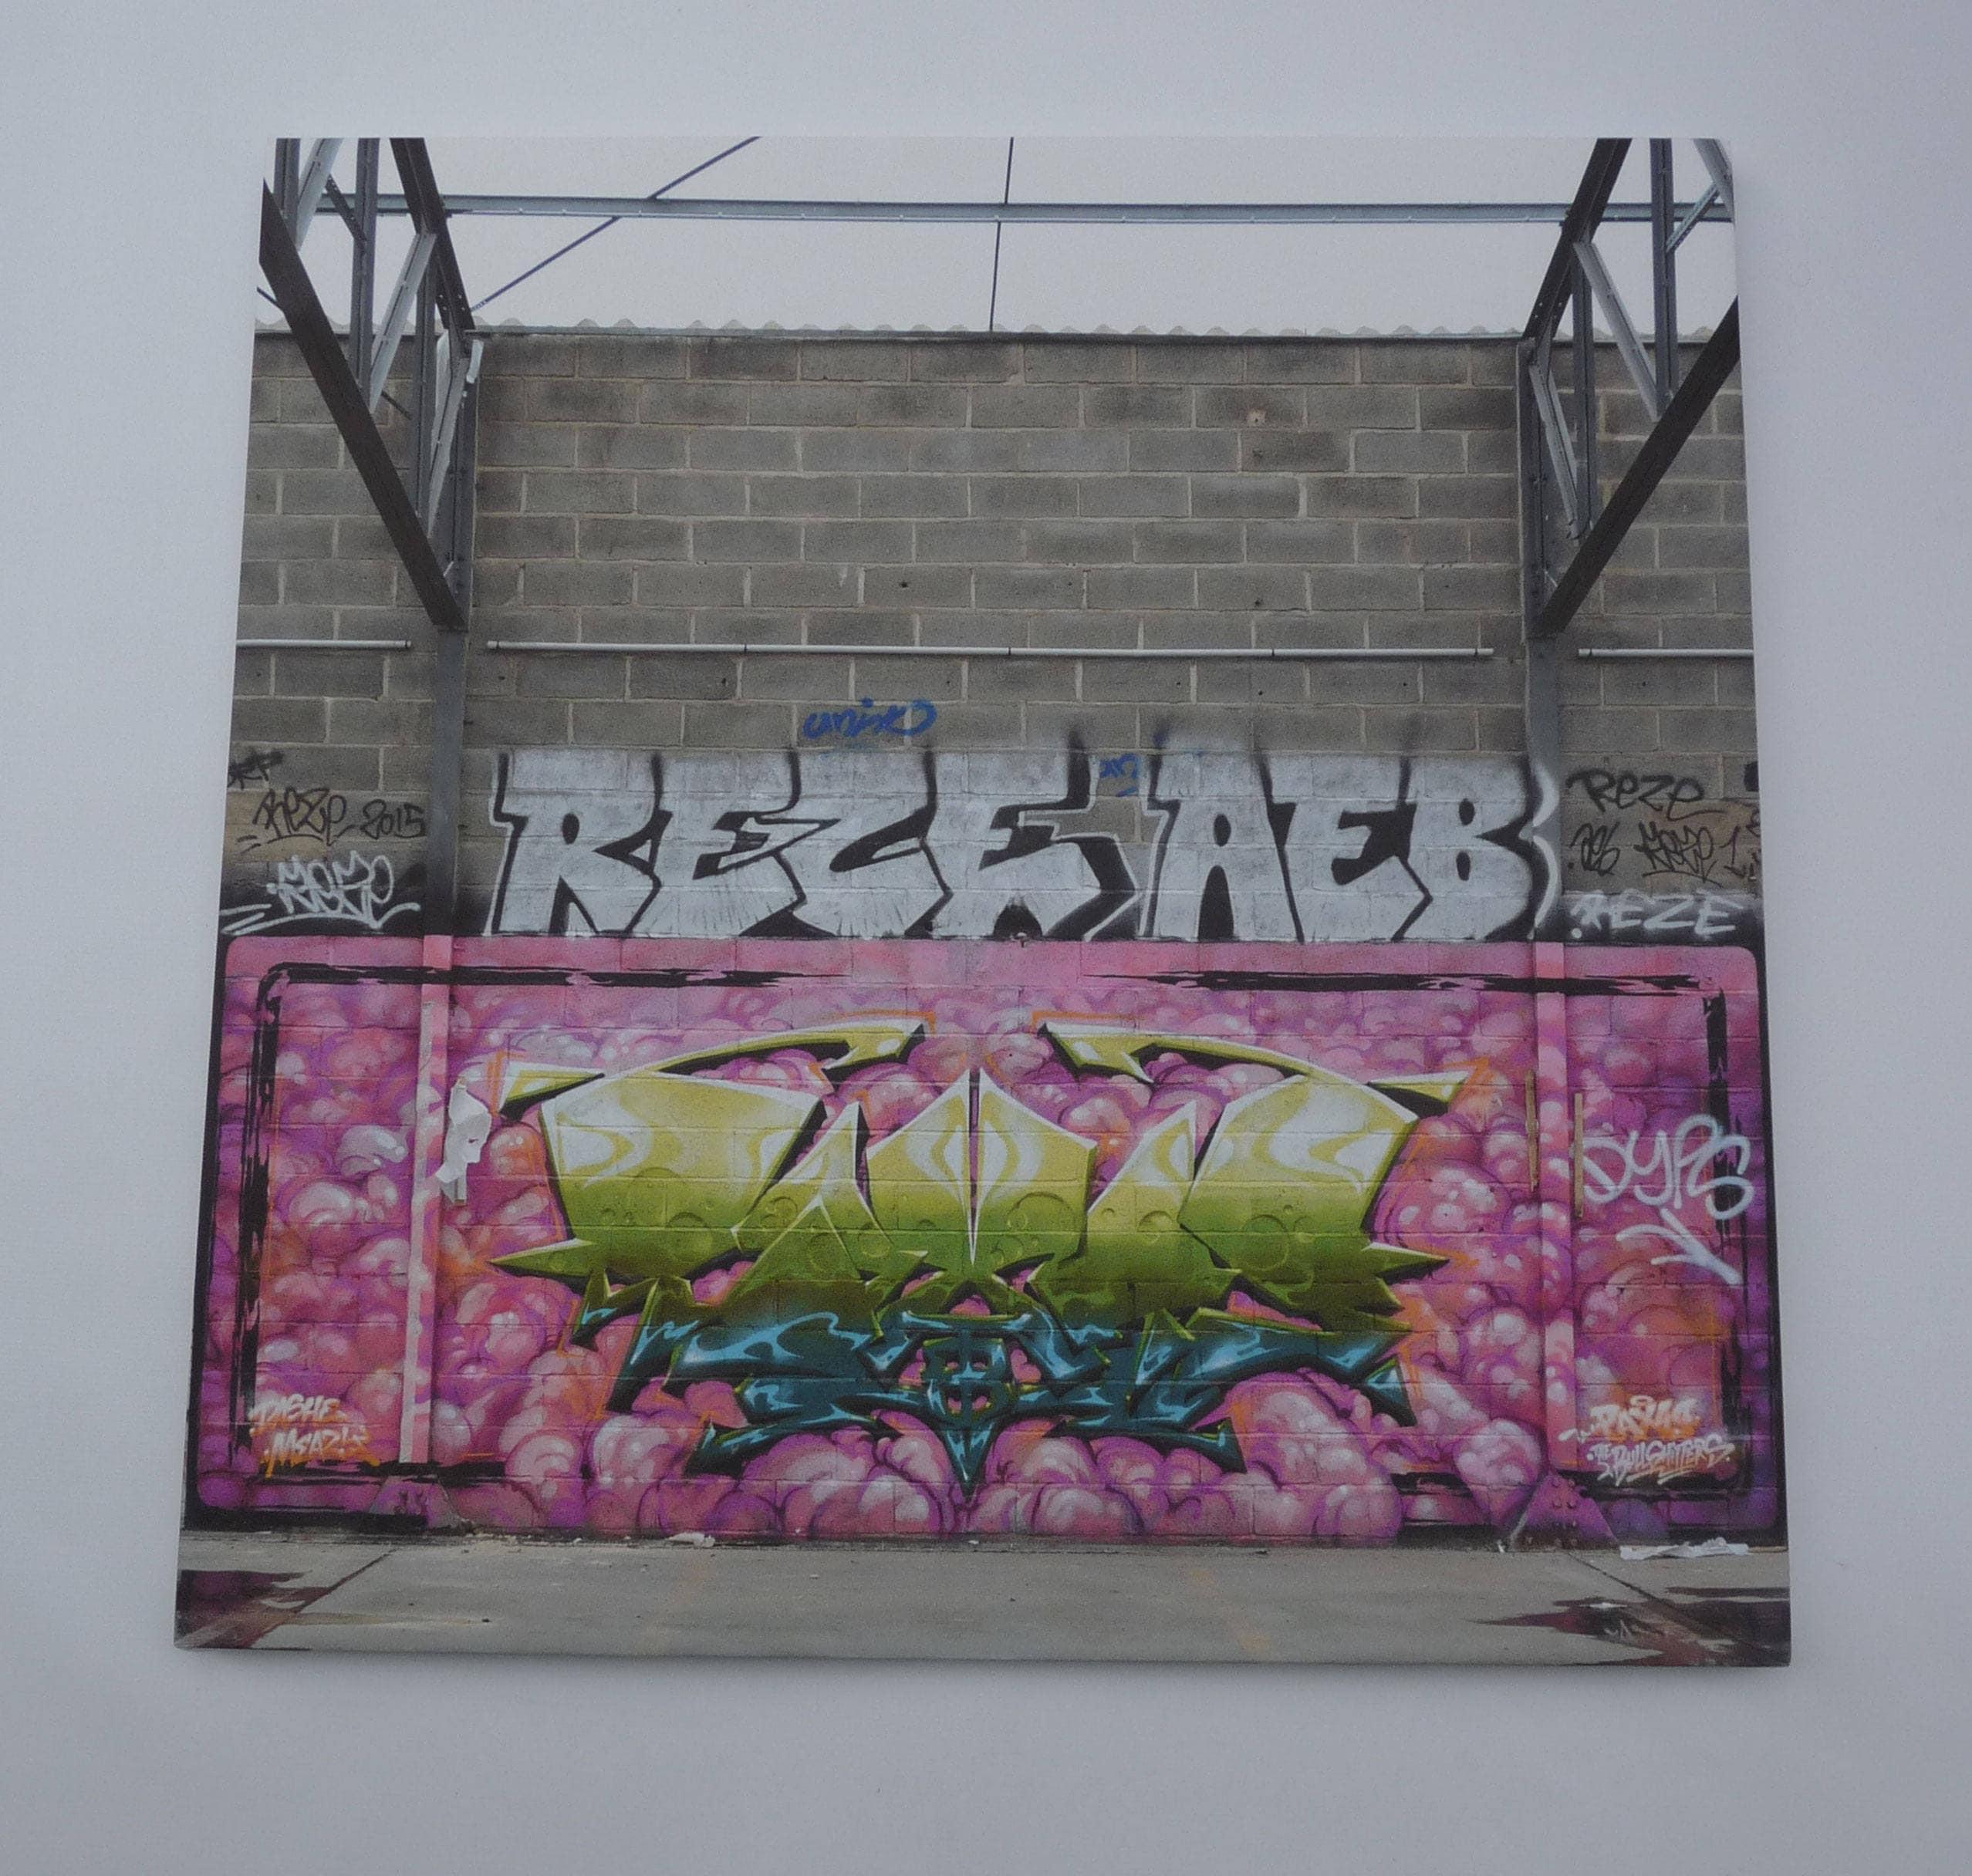 reproduction de street art sur toile et ch ssis deco etsy. Black Bedroom Furniture Sets. Home Design Ideas